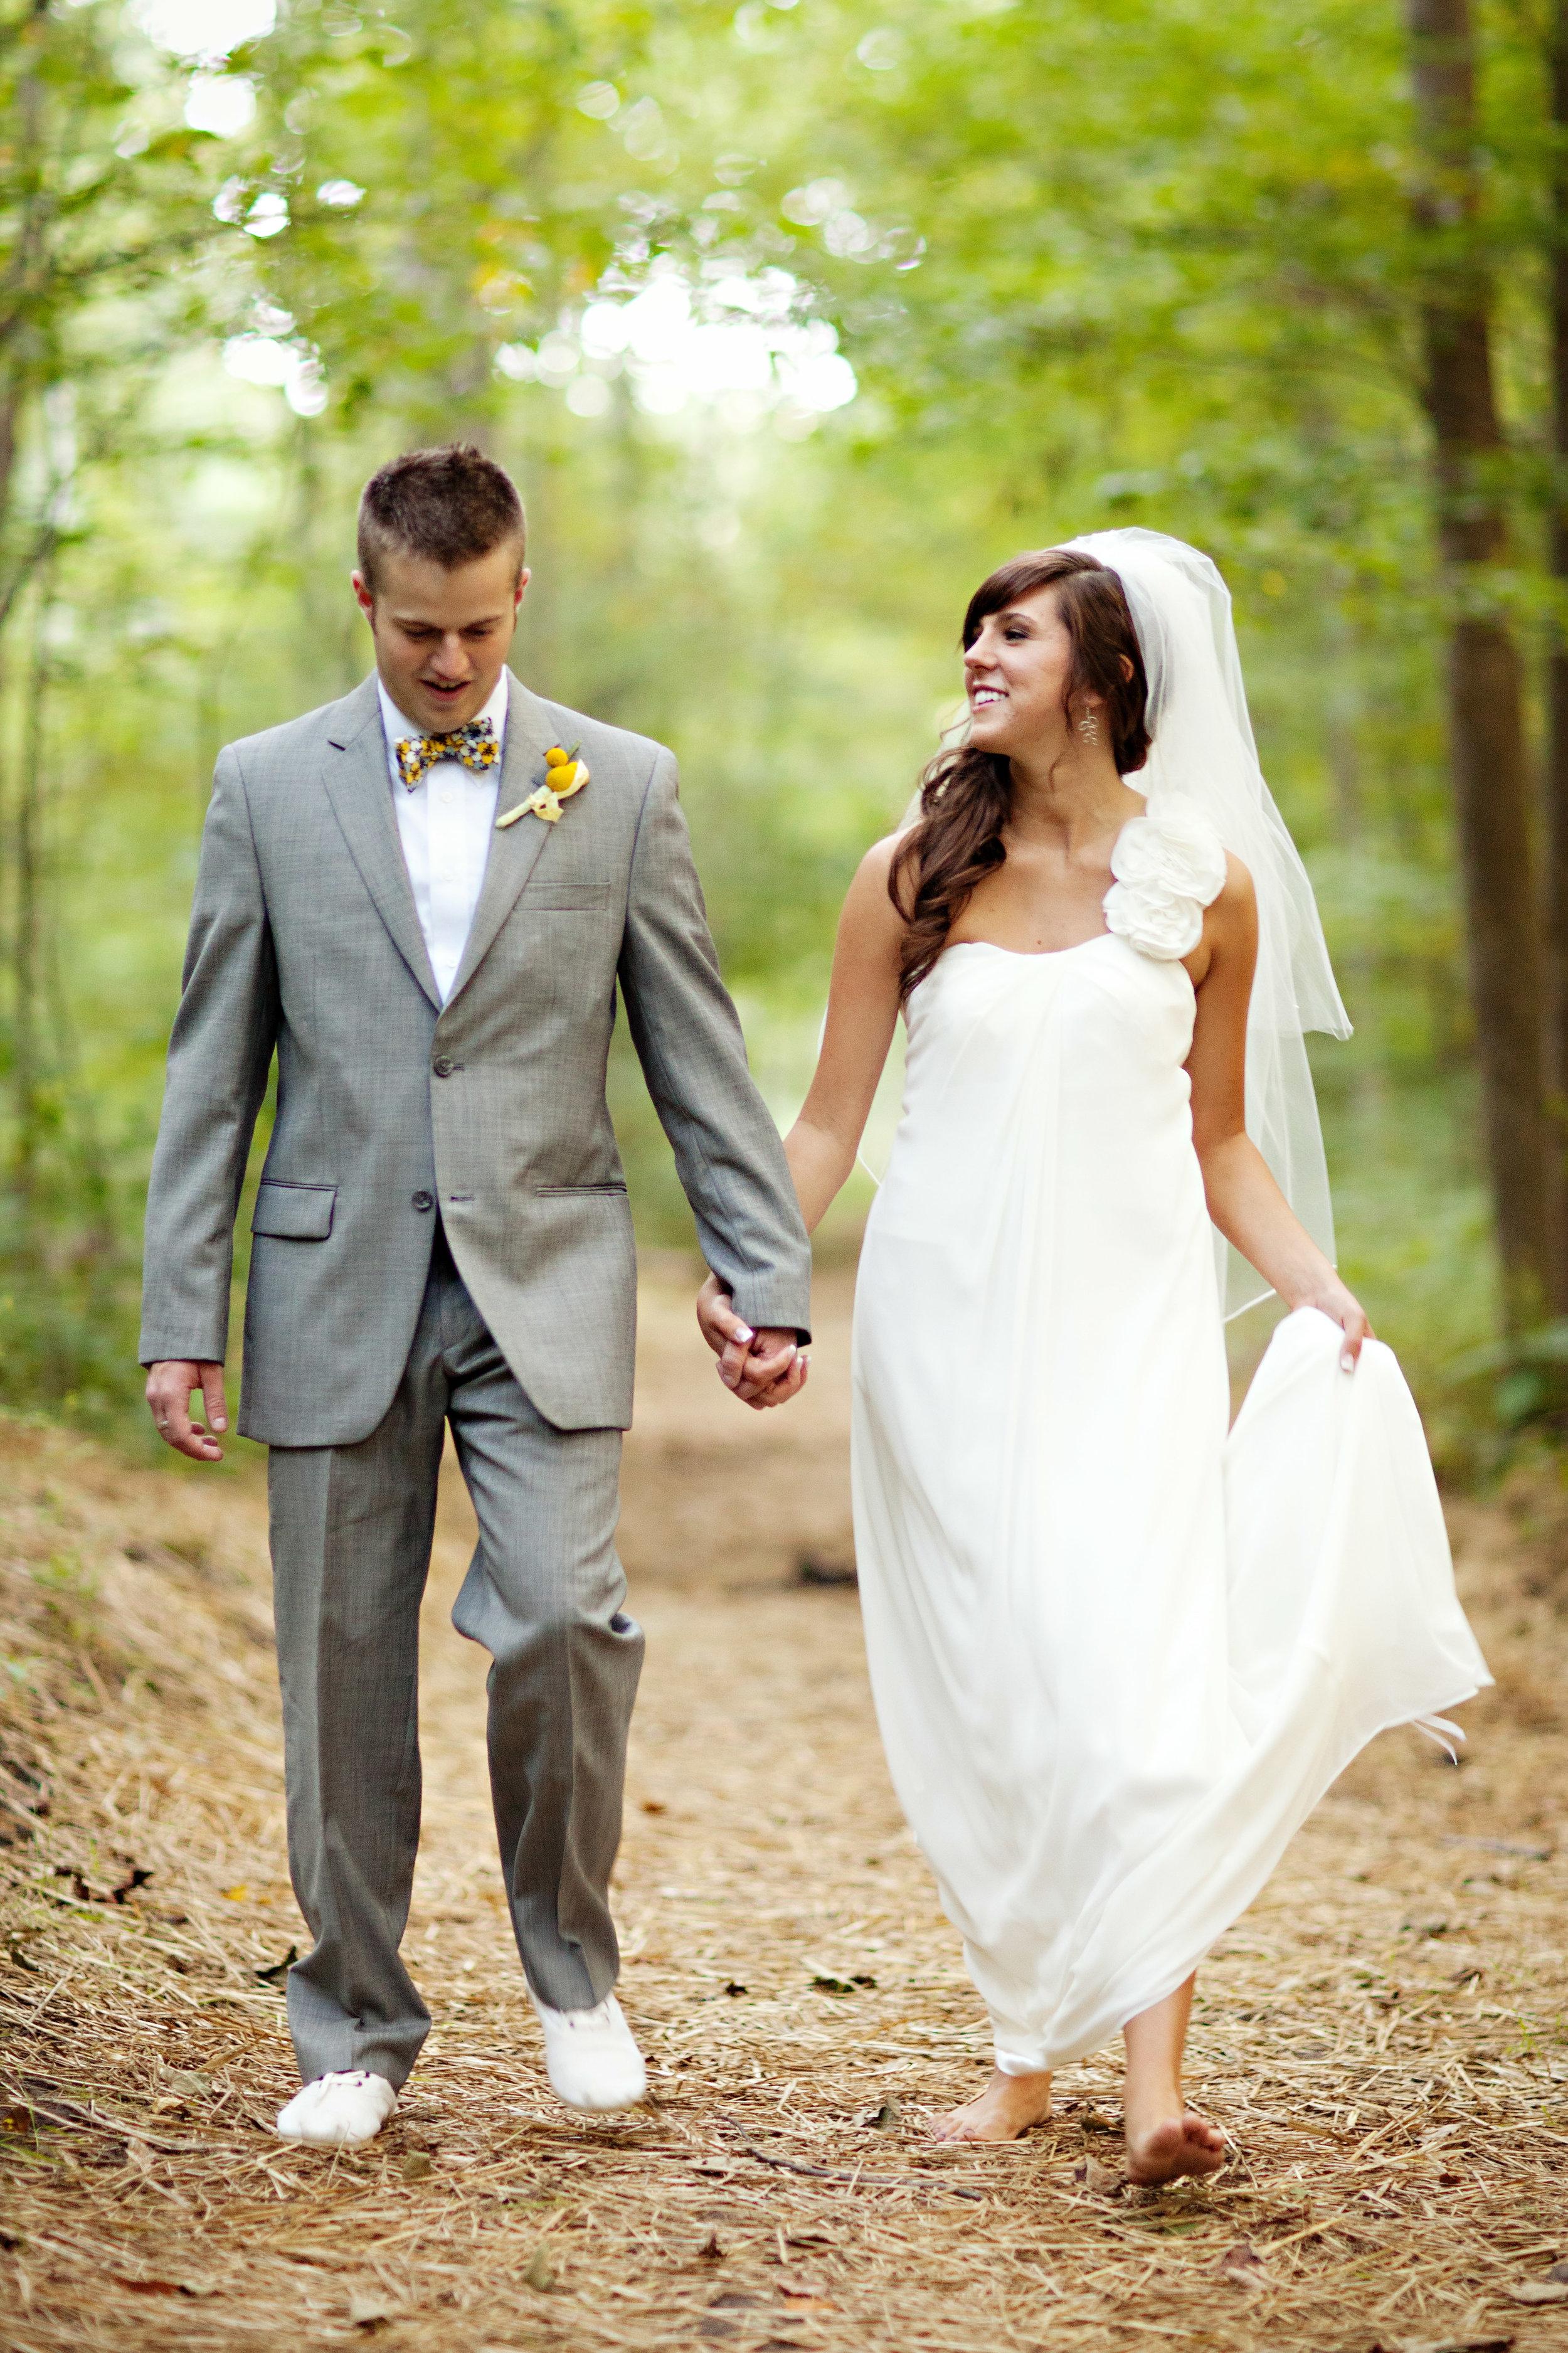 Paul-Gilmer-Pennsylvania-Wedding-0689_HighRes.jpg